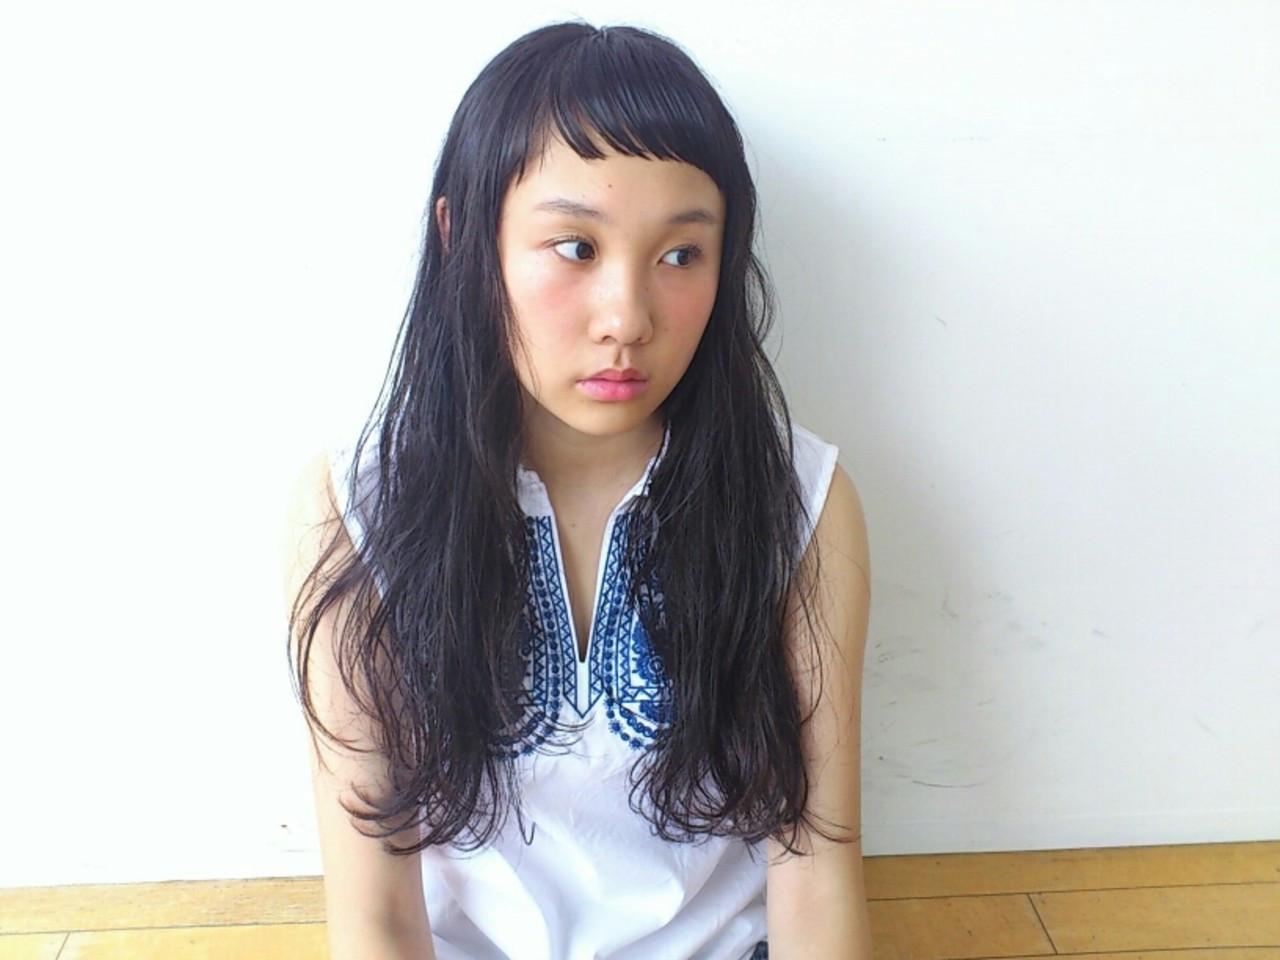 グレー系ヘアカラーが大人気!入りにくい髪色を上手く出すコツは? Yukie Horiuchi